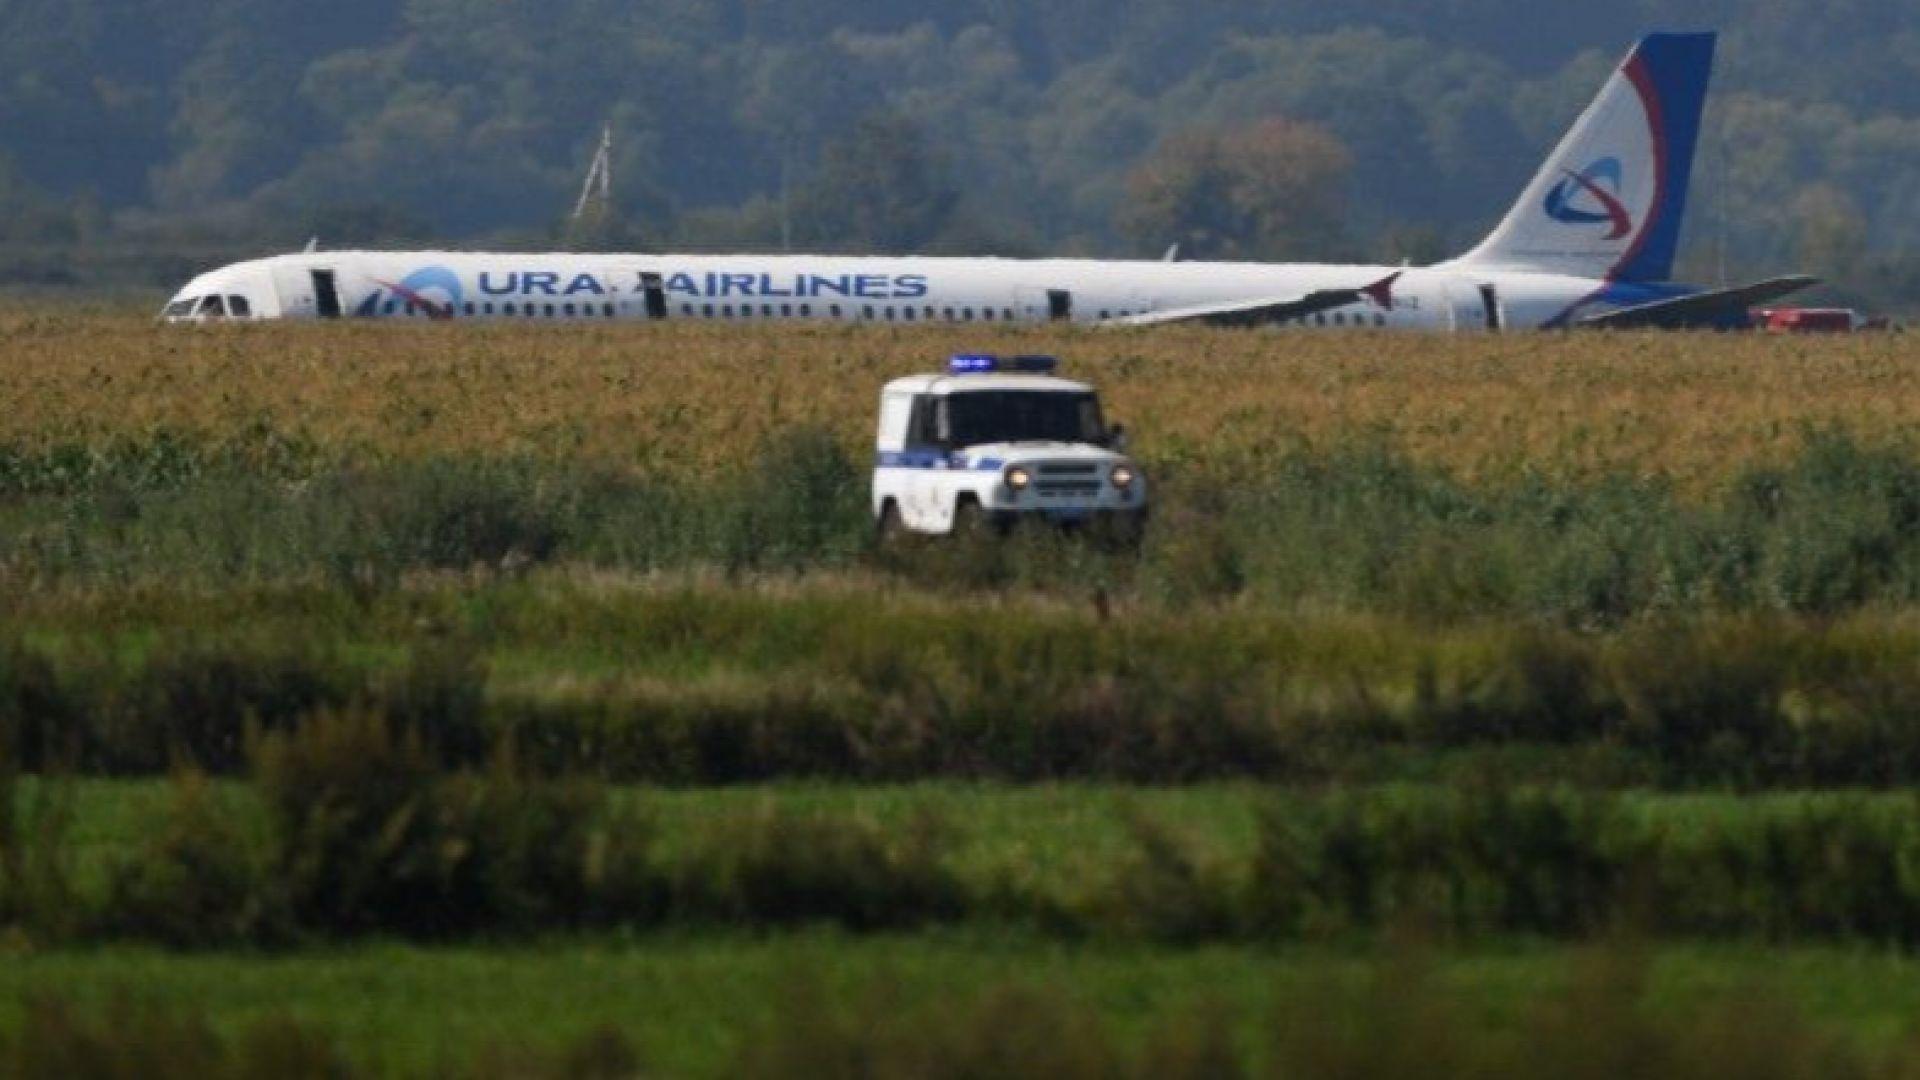 """Пилотът от """"Уралските авиолинии"""": Приземяването в царевичното поле бе единственият шанс"""